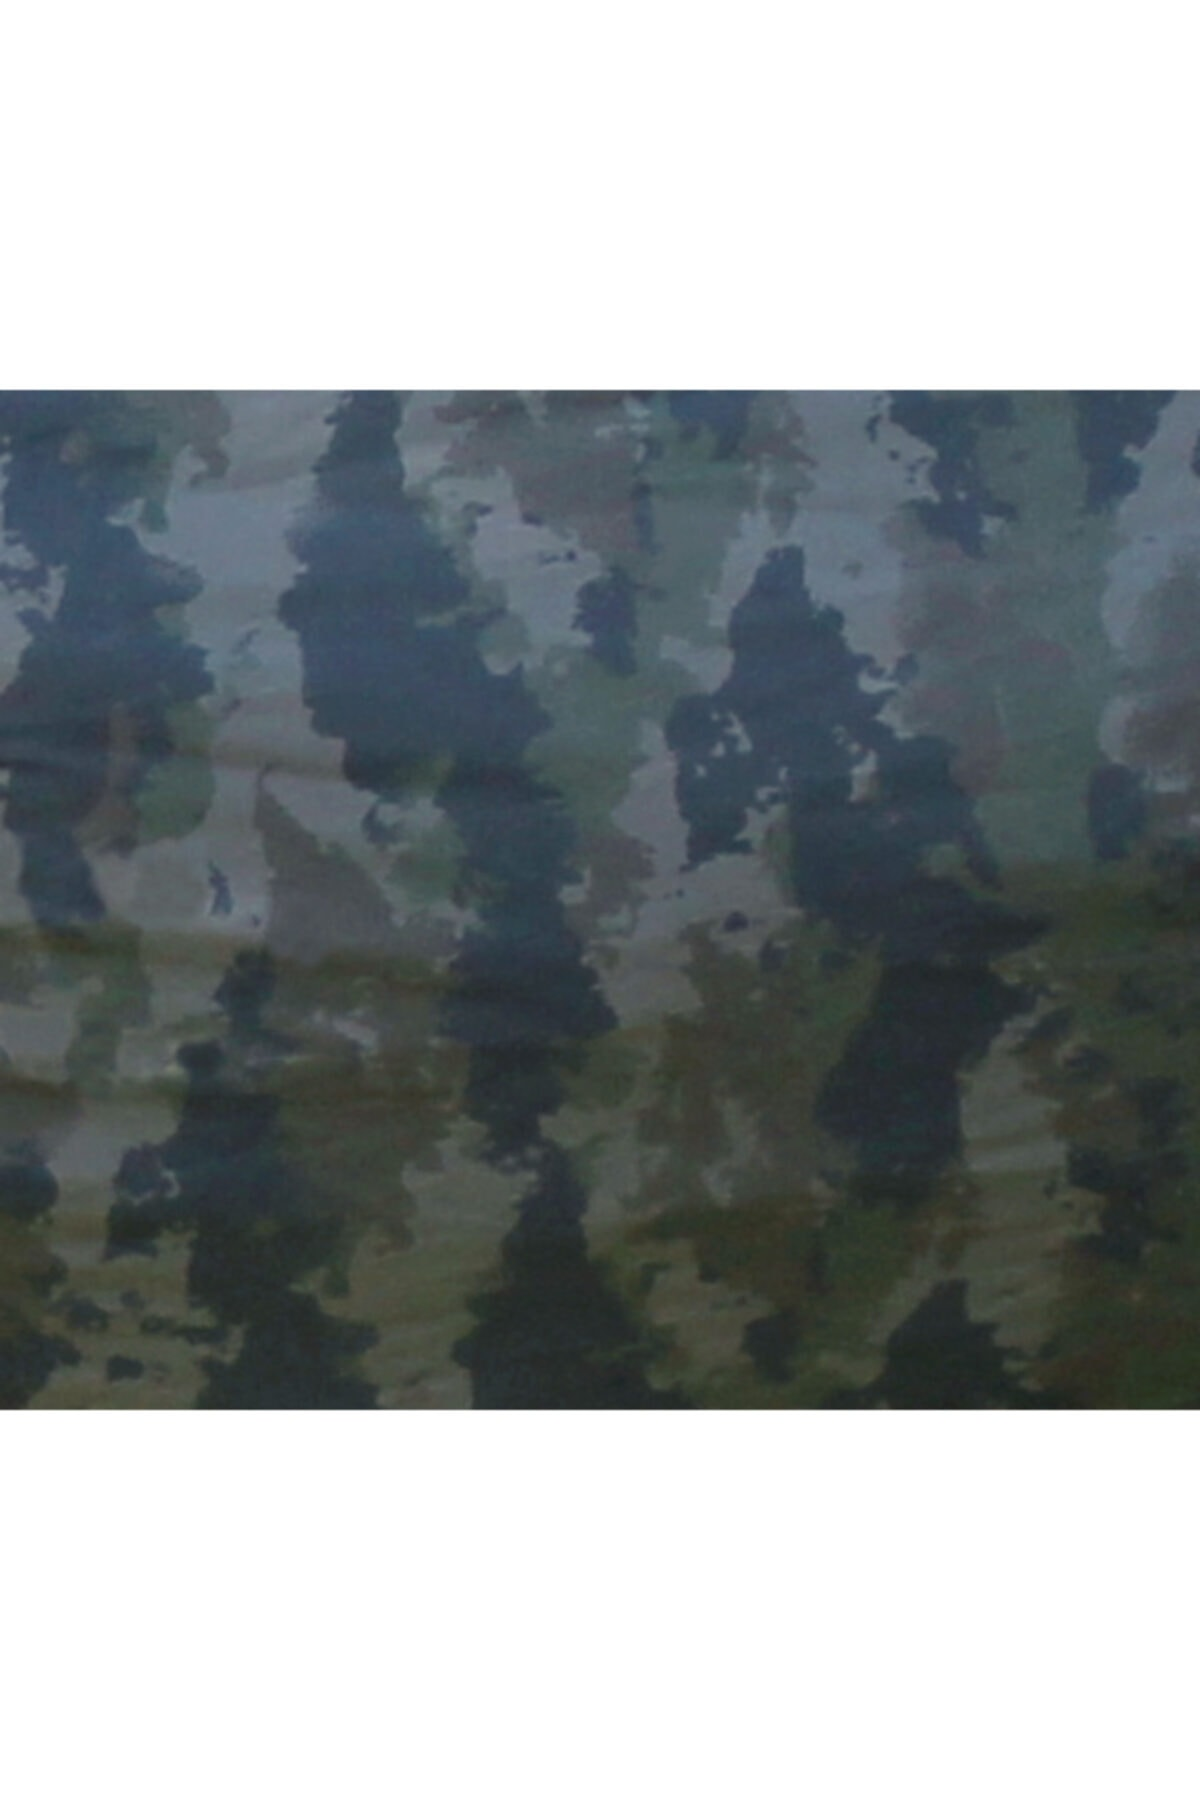 EARABUL Kamuflajlı Kamp Hamağı - Salıncak Hamak - Korunaklı Dayanıklı Hamak 2